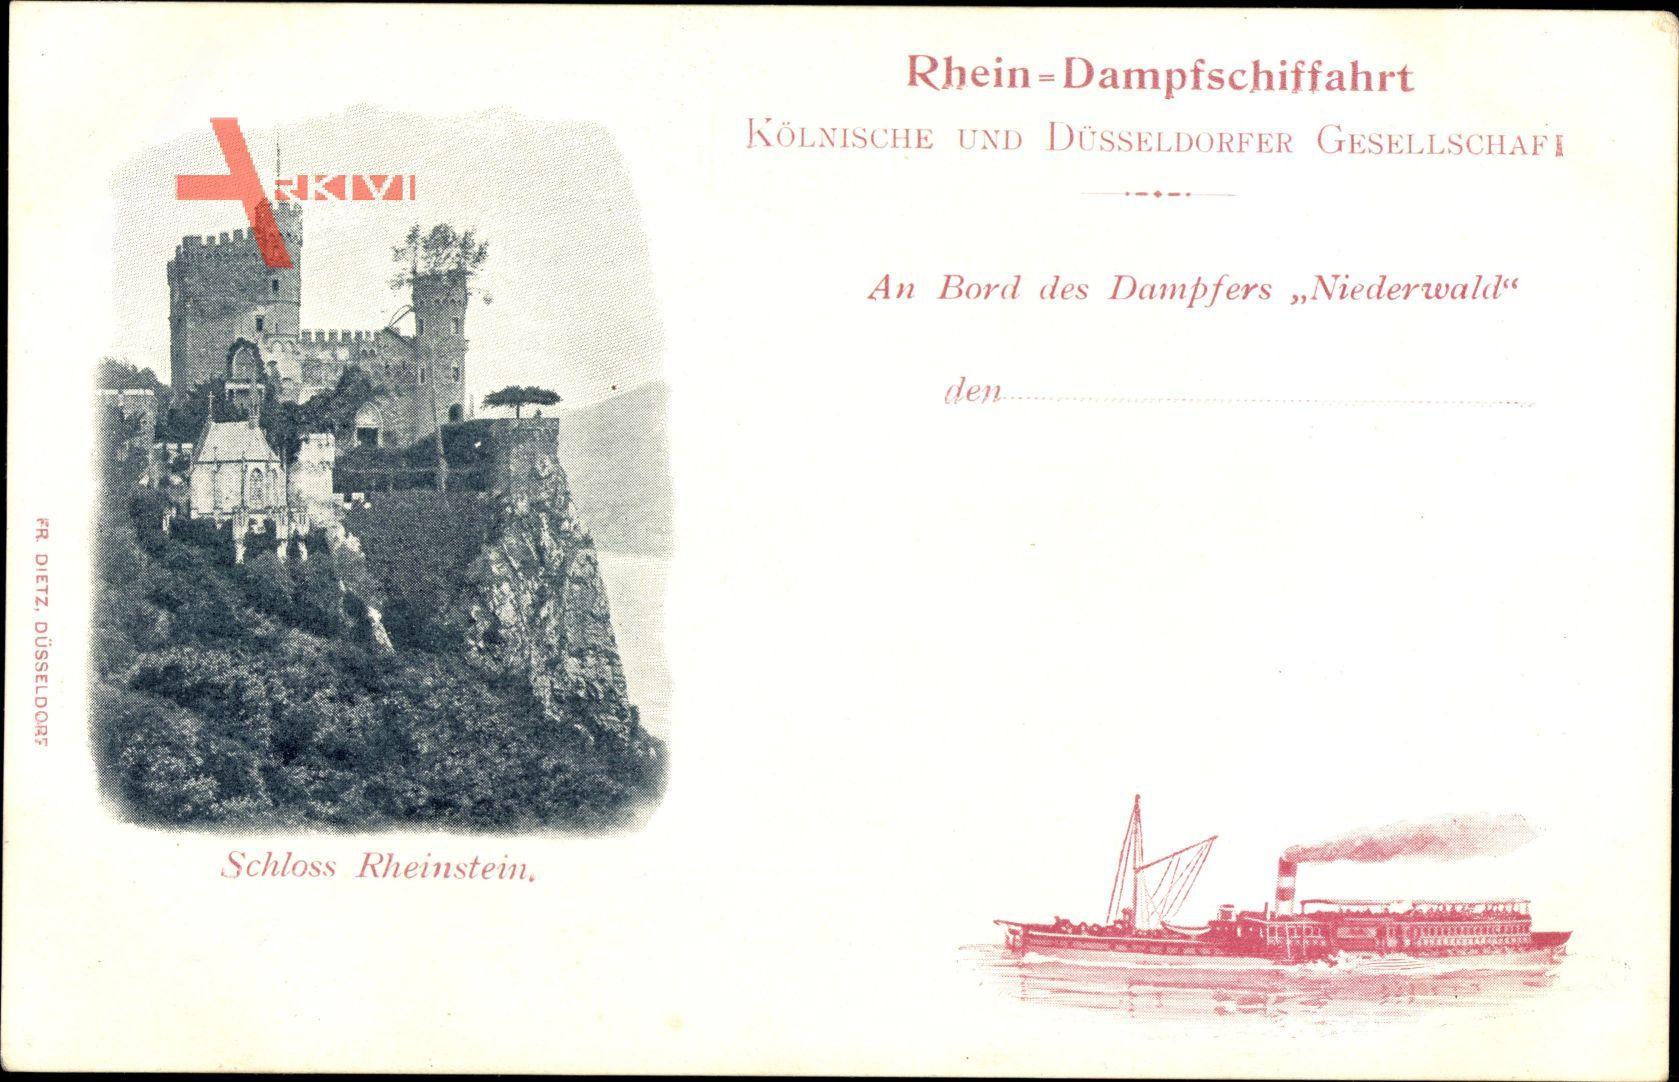 Rhein Dampfschifffahrt, Dampfer Niederwald, Schloss Rheinstein